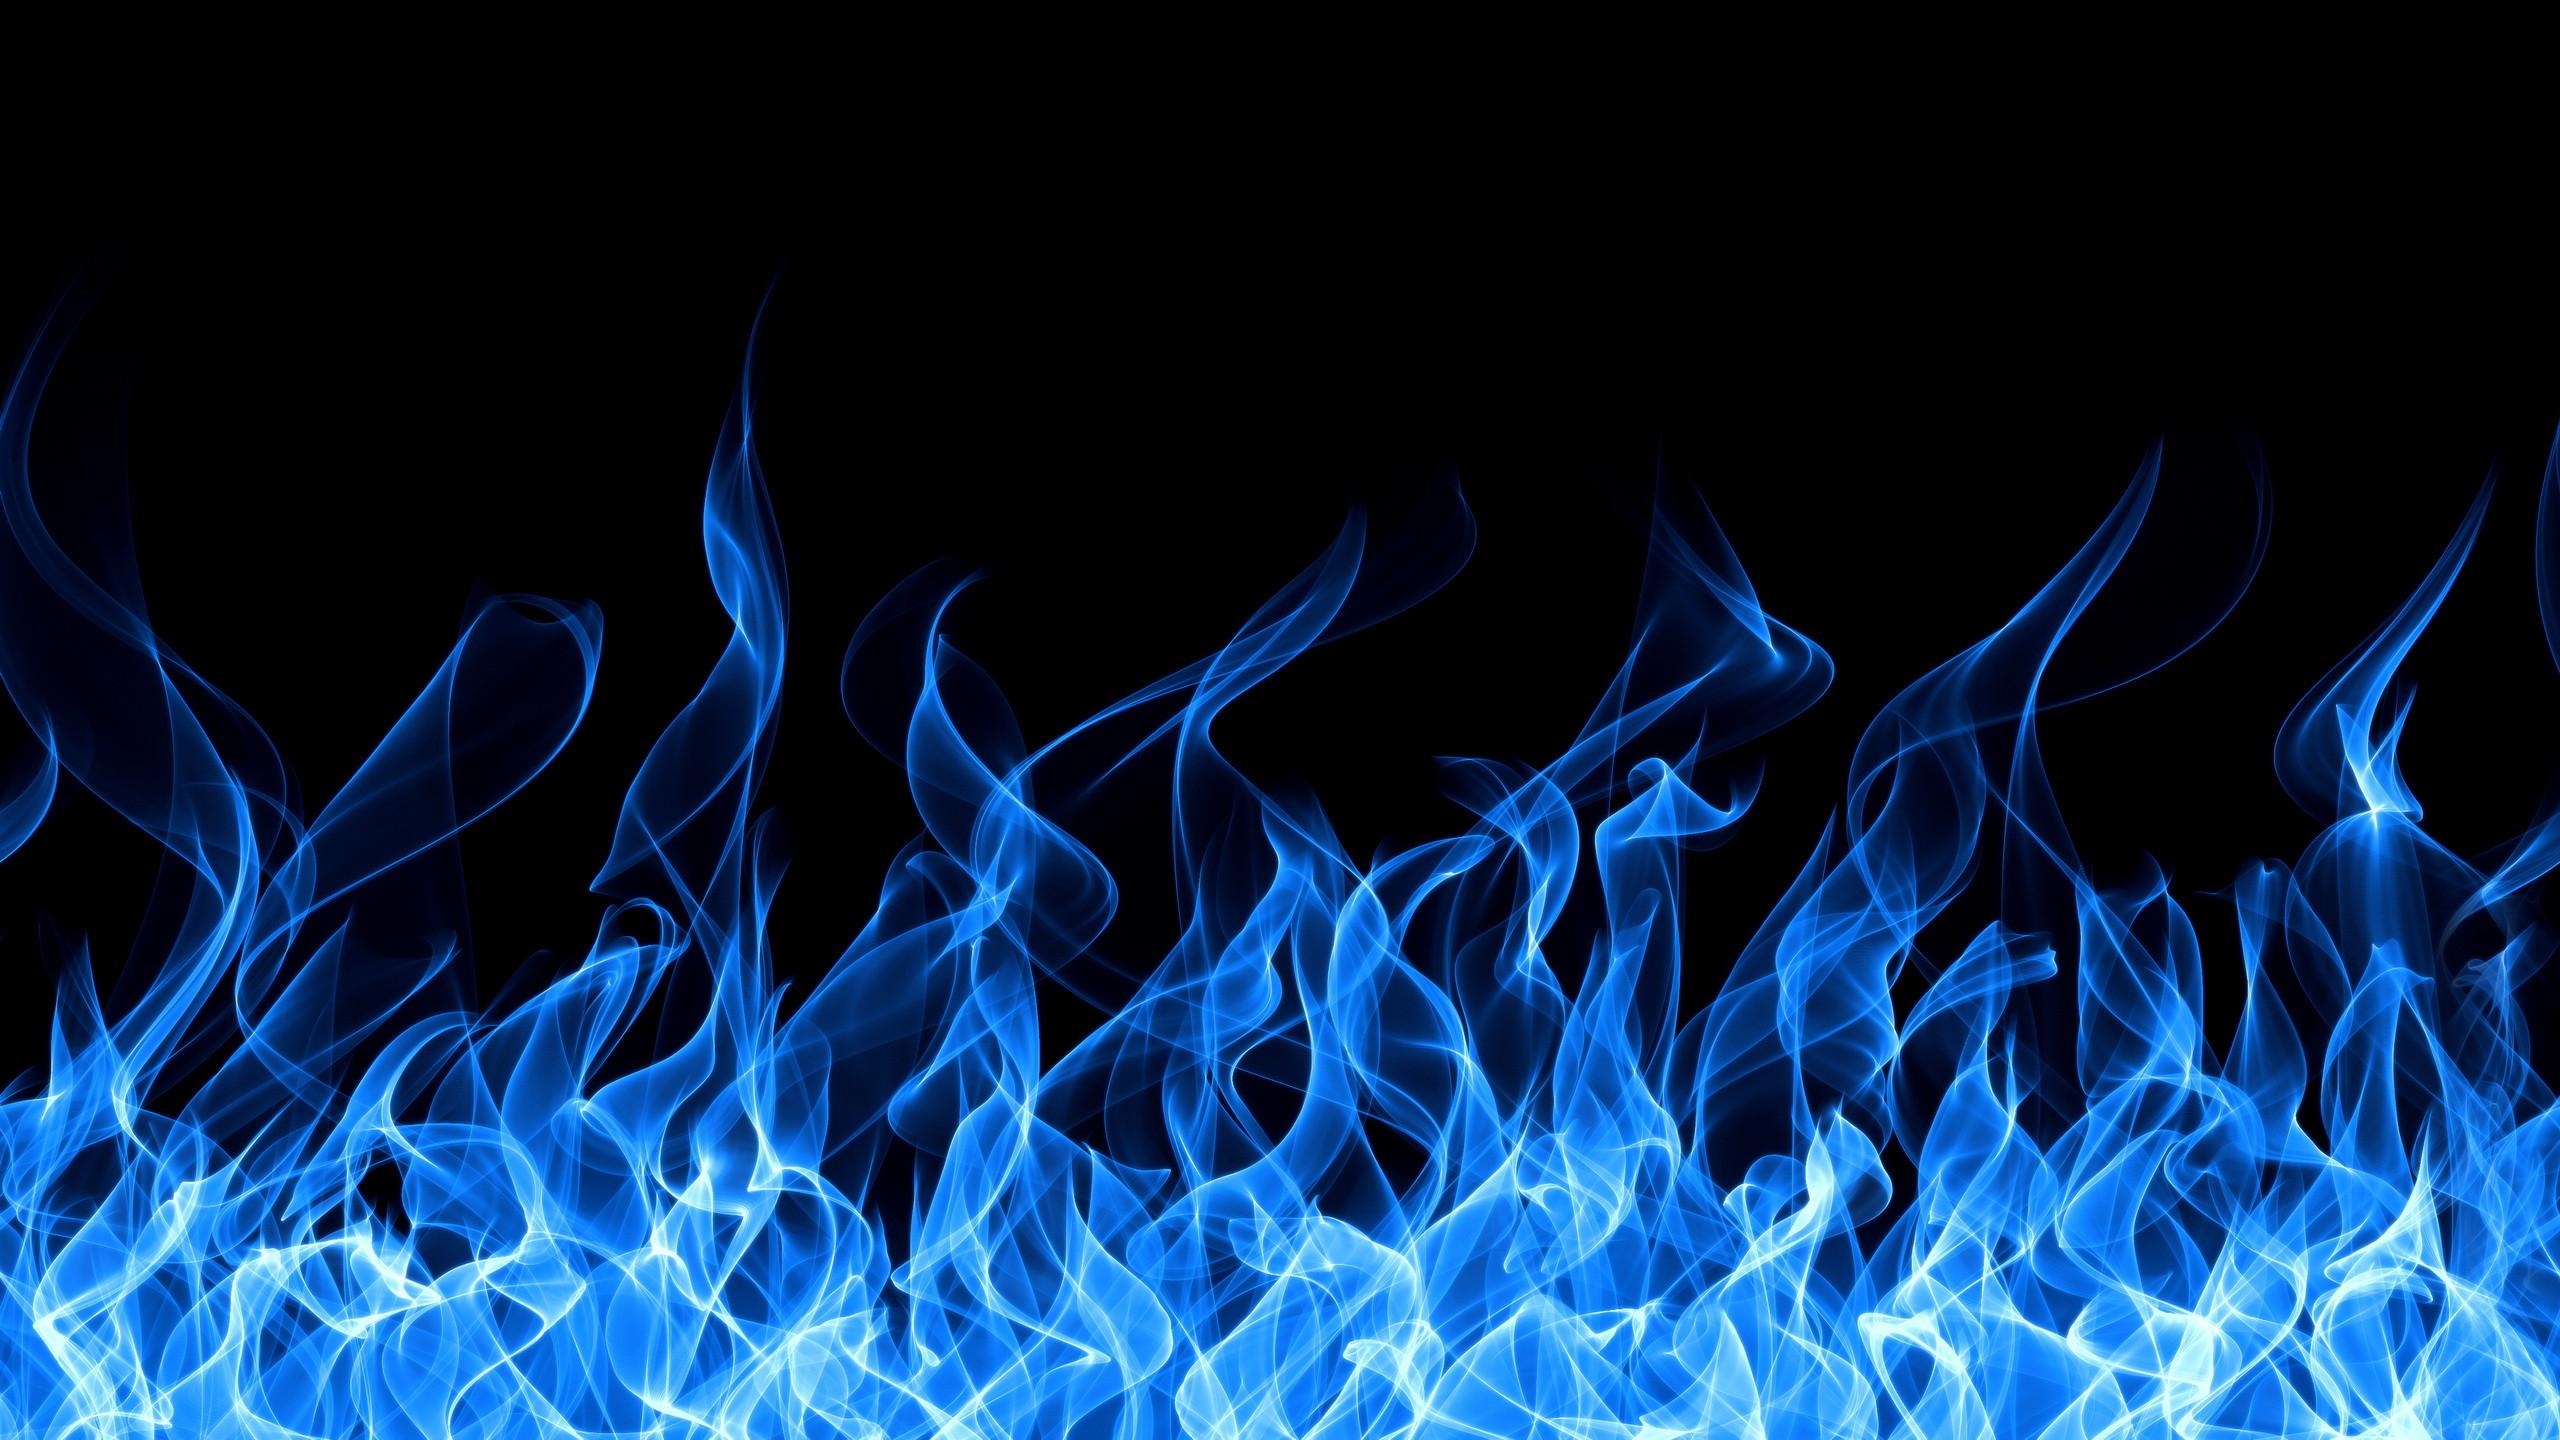 Blue fire wolf wallpaper – photo#25